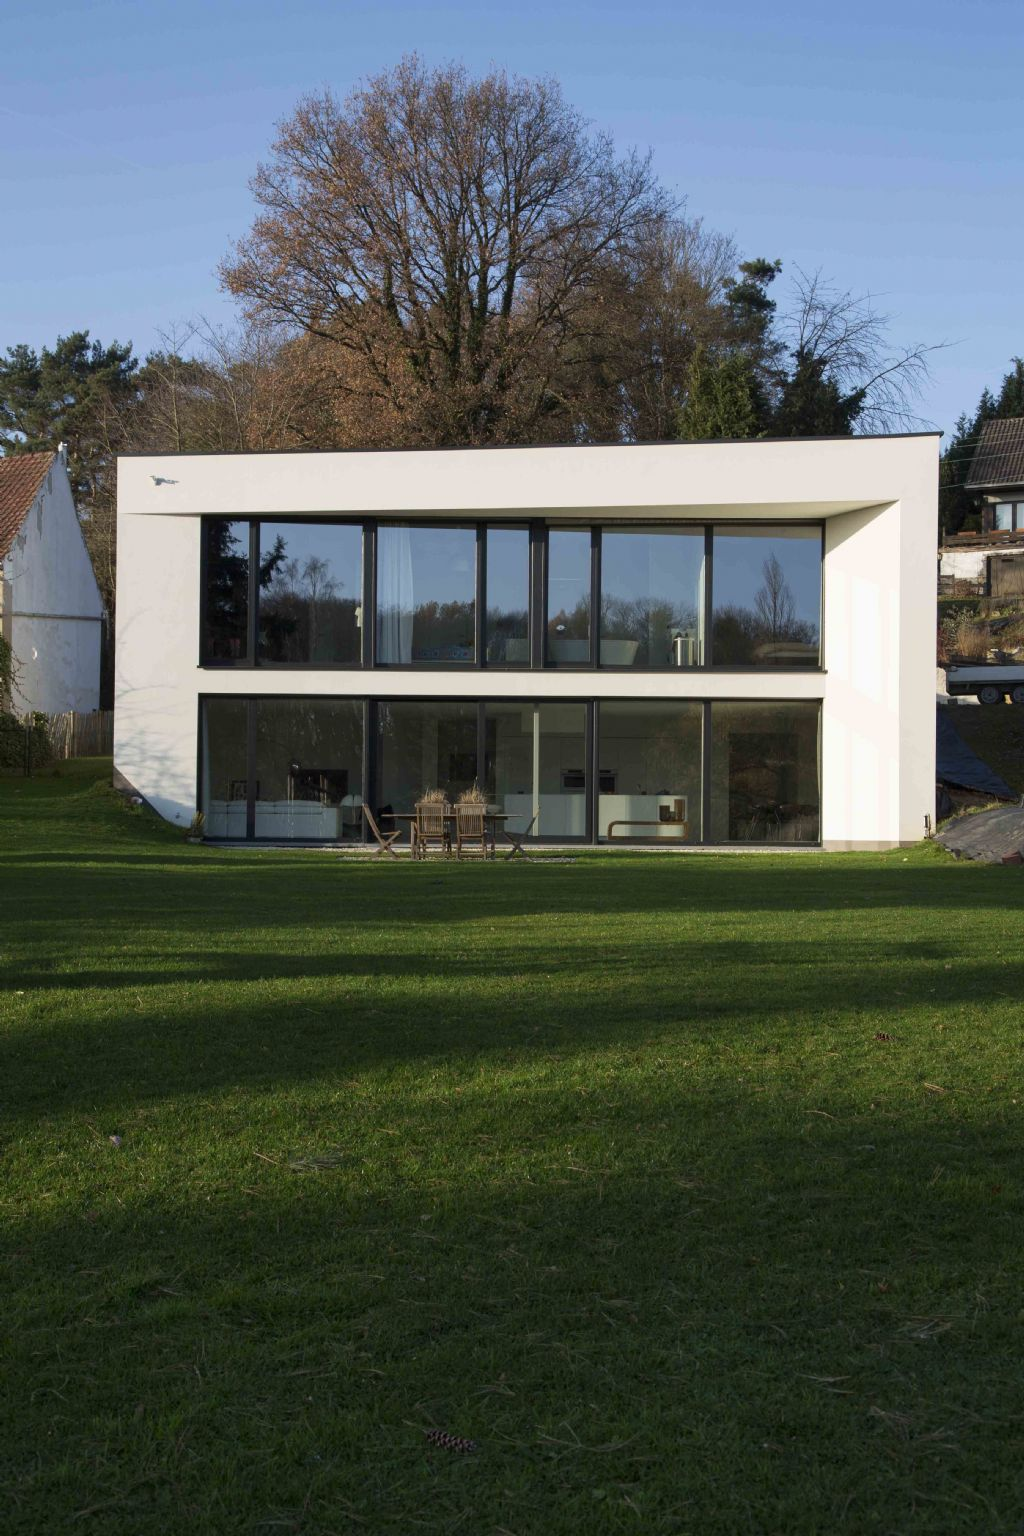 Villa minimaliste dont la volumétrie est dictée par les limites parcellaires obliques et le souci d'avoir un impact minimal sur l'étroite voirie publique.